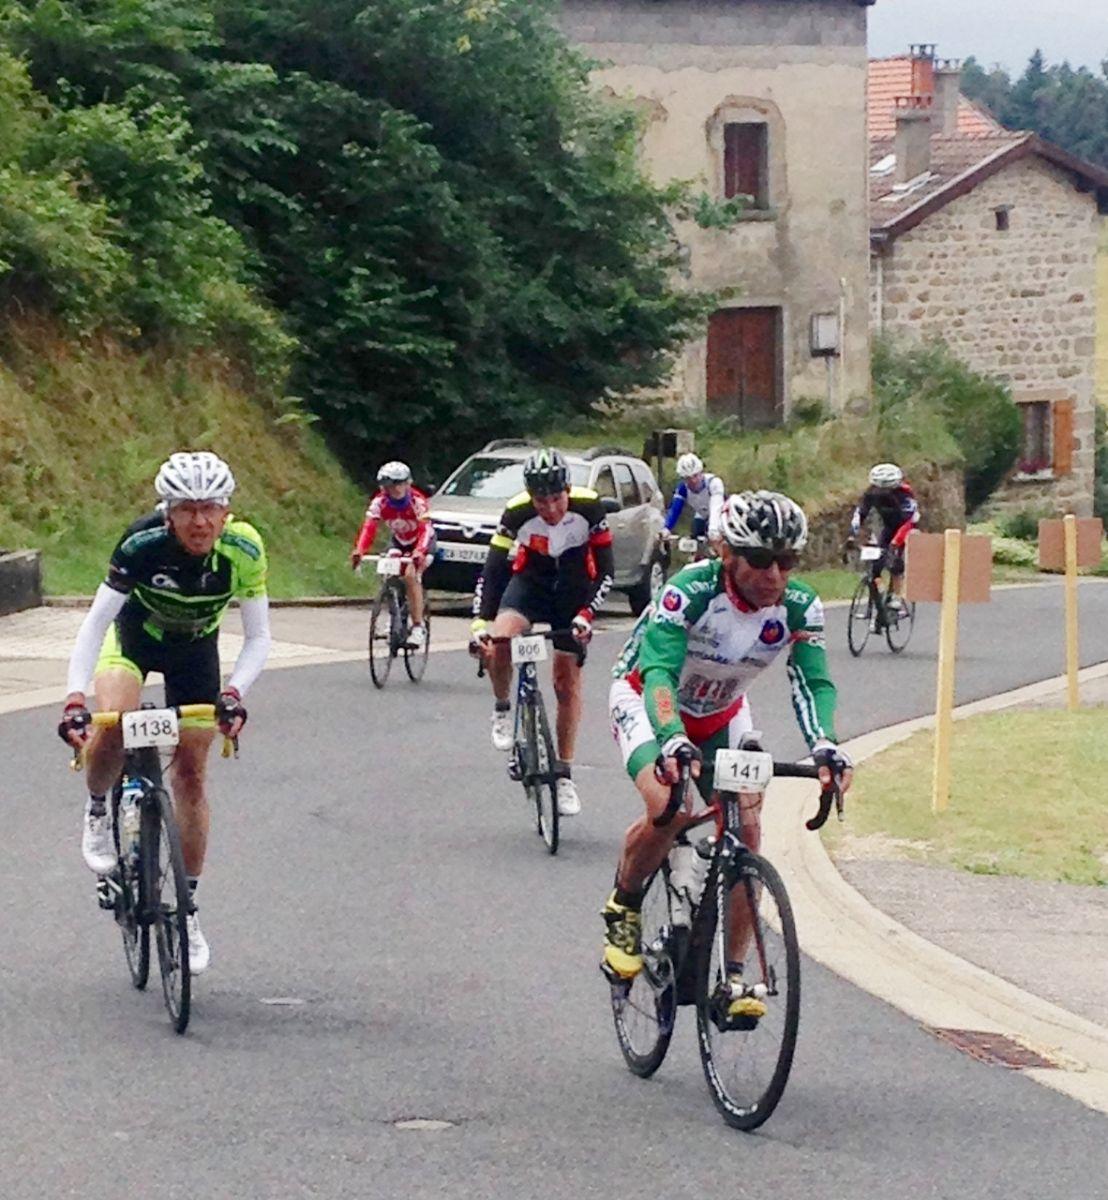 Cyclosportive Calendrier.Le Calendrier Cyclo 2018 Au 23 10 Actualite Velo Cyclosport